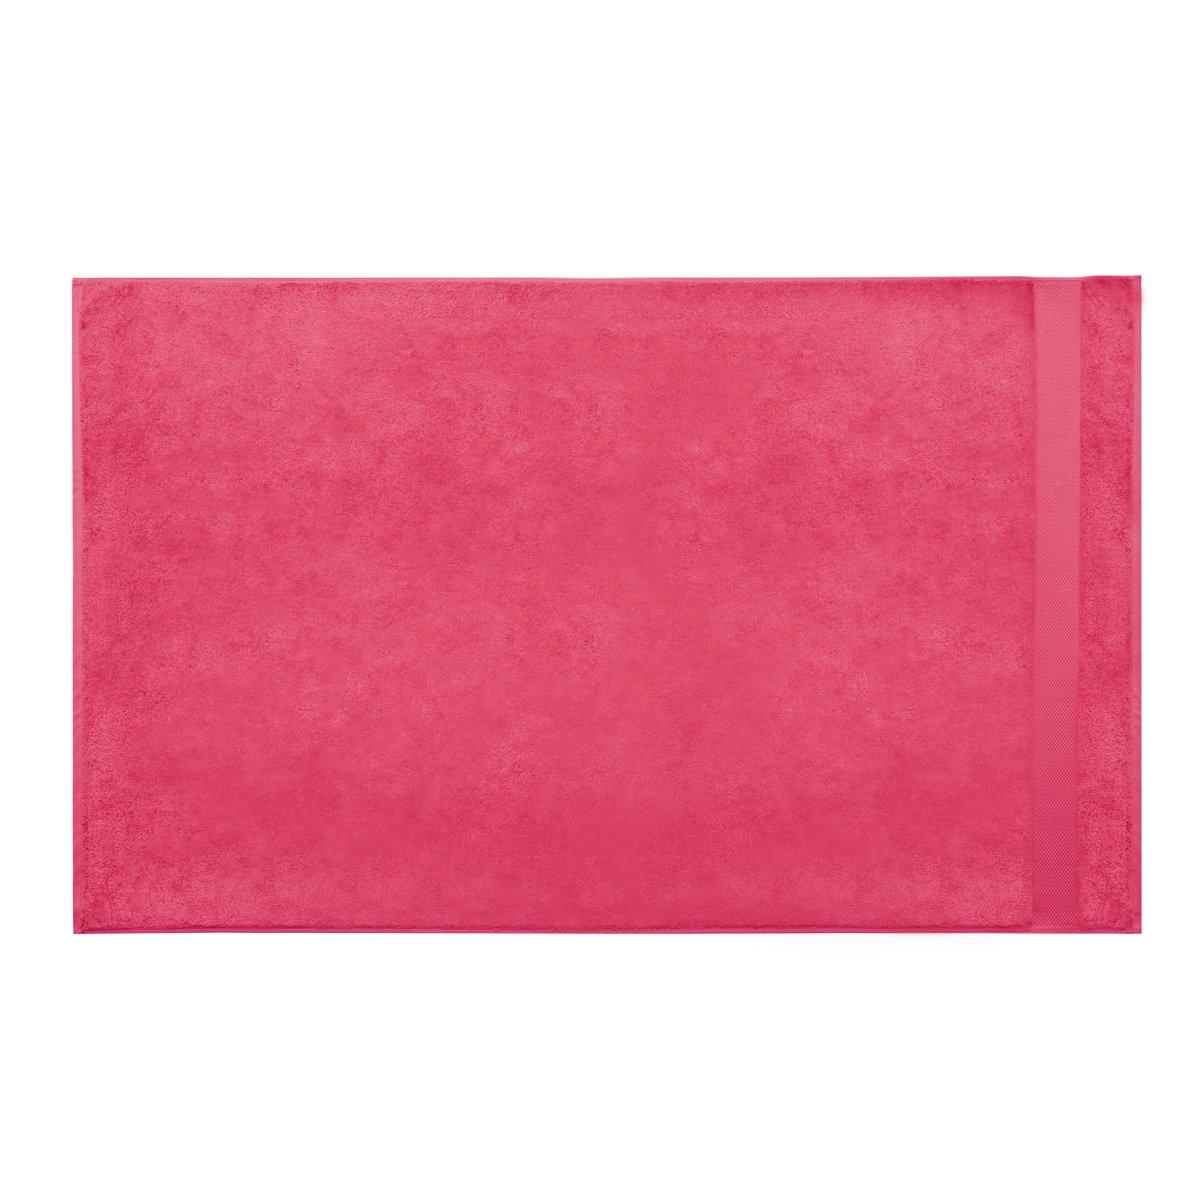 Drap de bain coton 90x150 cm aubépine